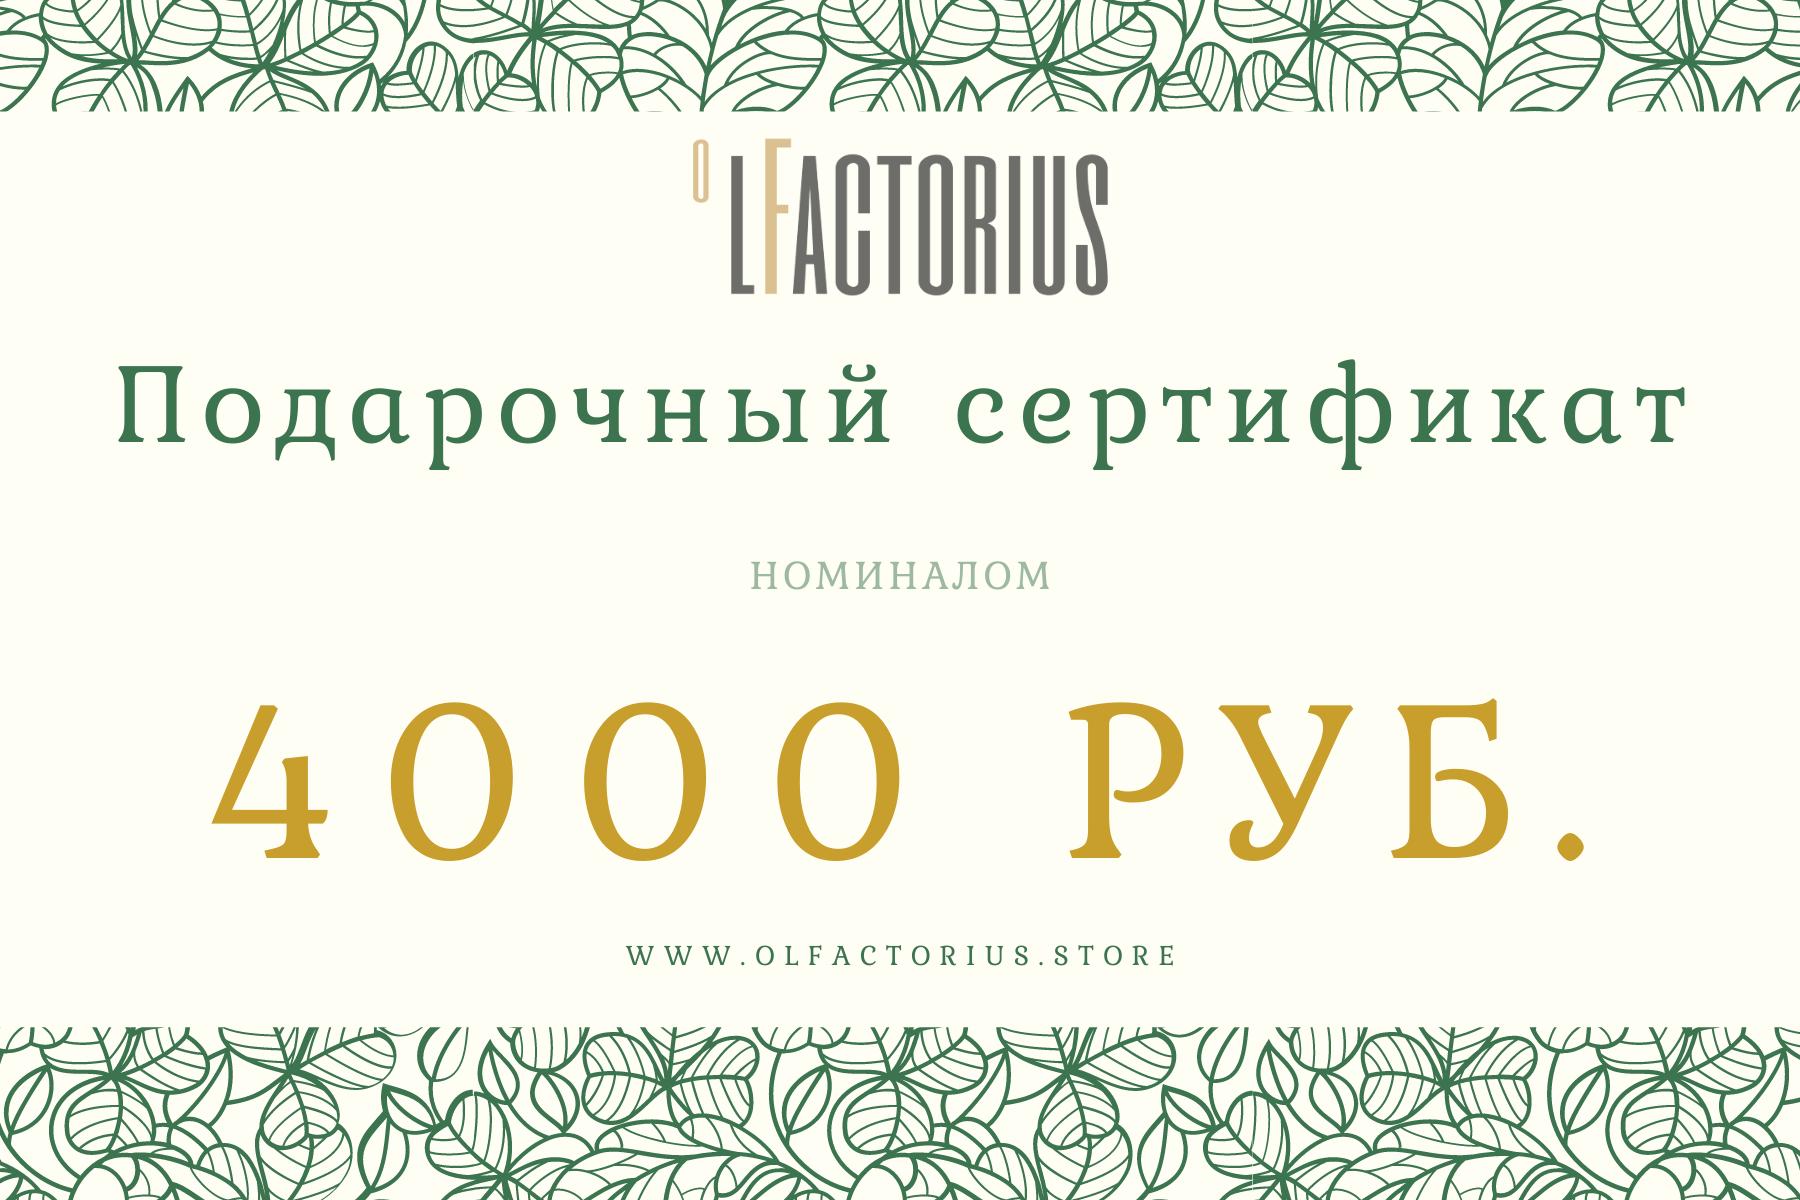 Подарочный сертификат на 4000руб.